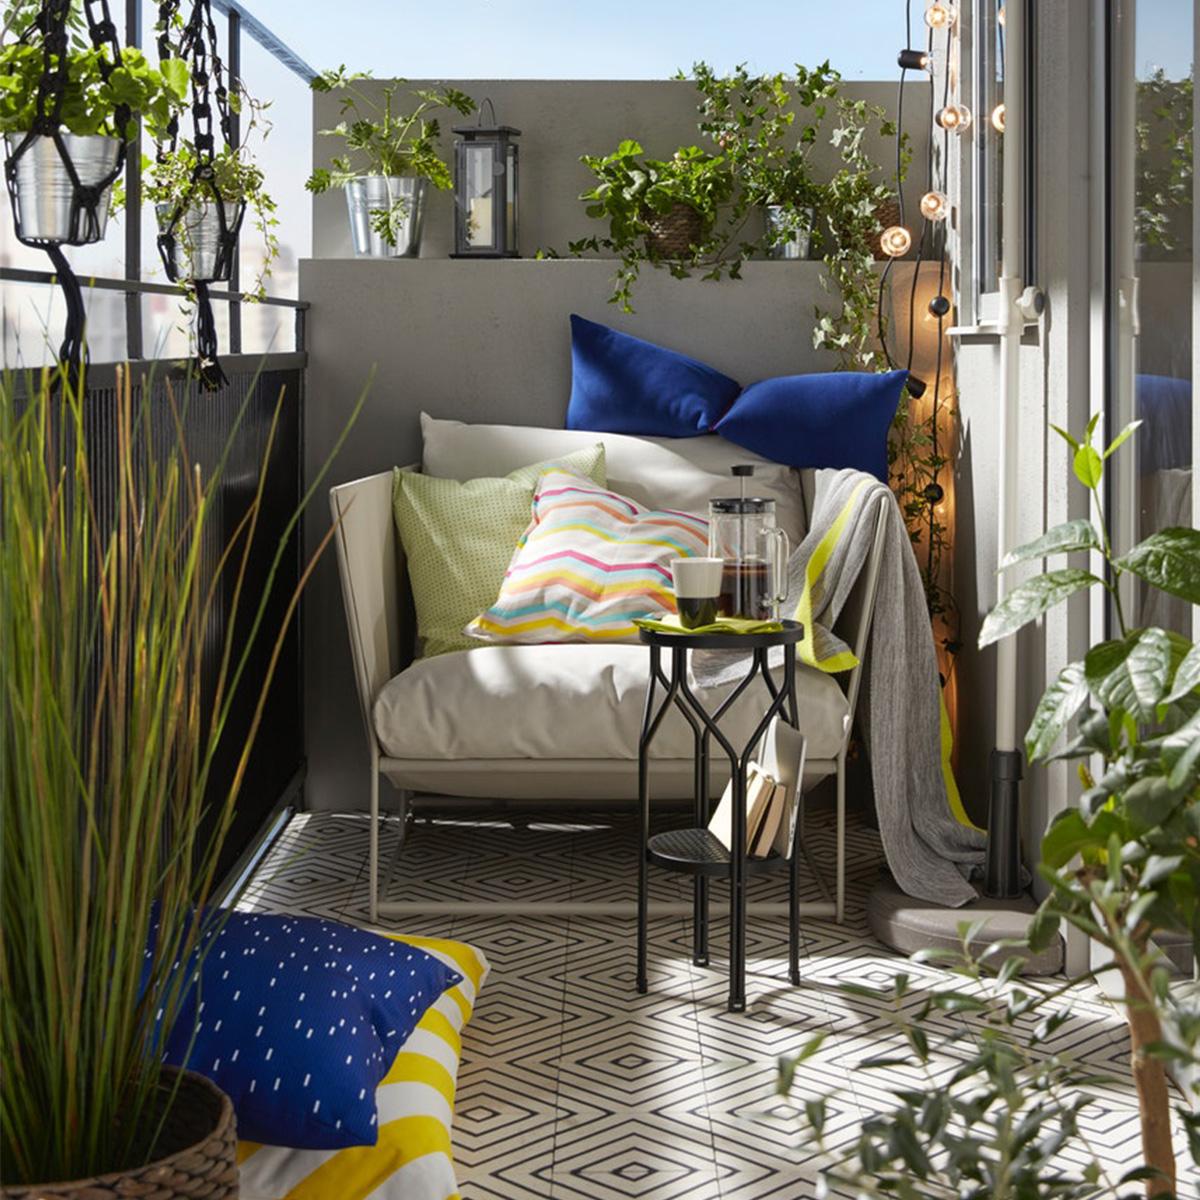 Petit Salon De Jardin Pour Balcon Luxe Idées Pour L ... intérieur Meuble De Jardin Ikea